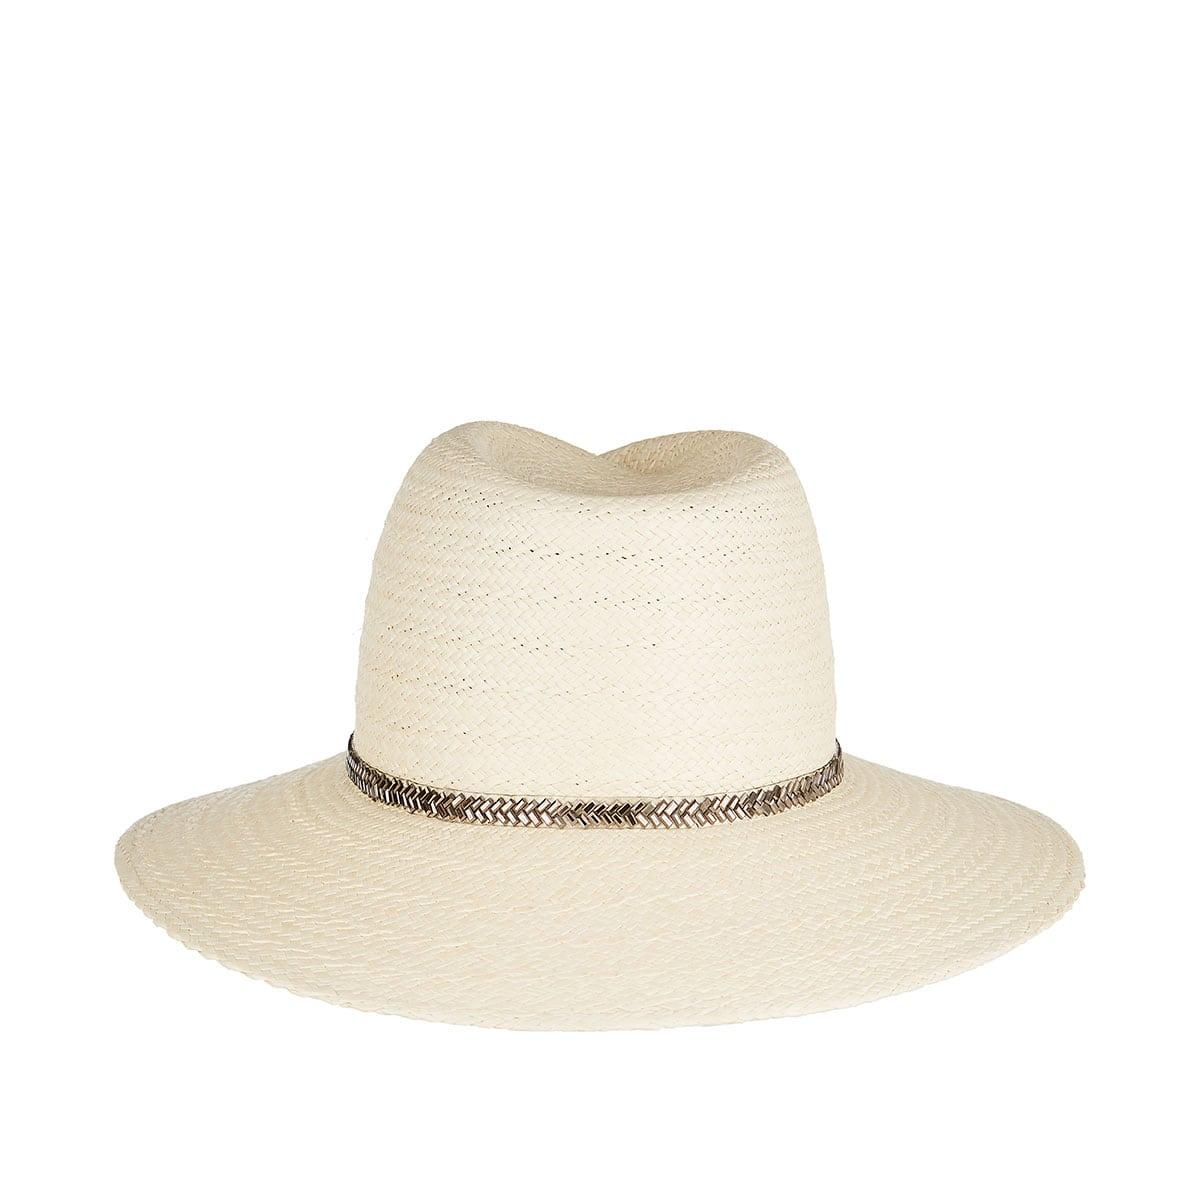 Virginie embellished straw fedora hat